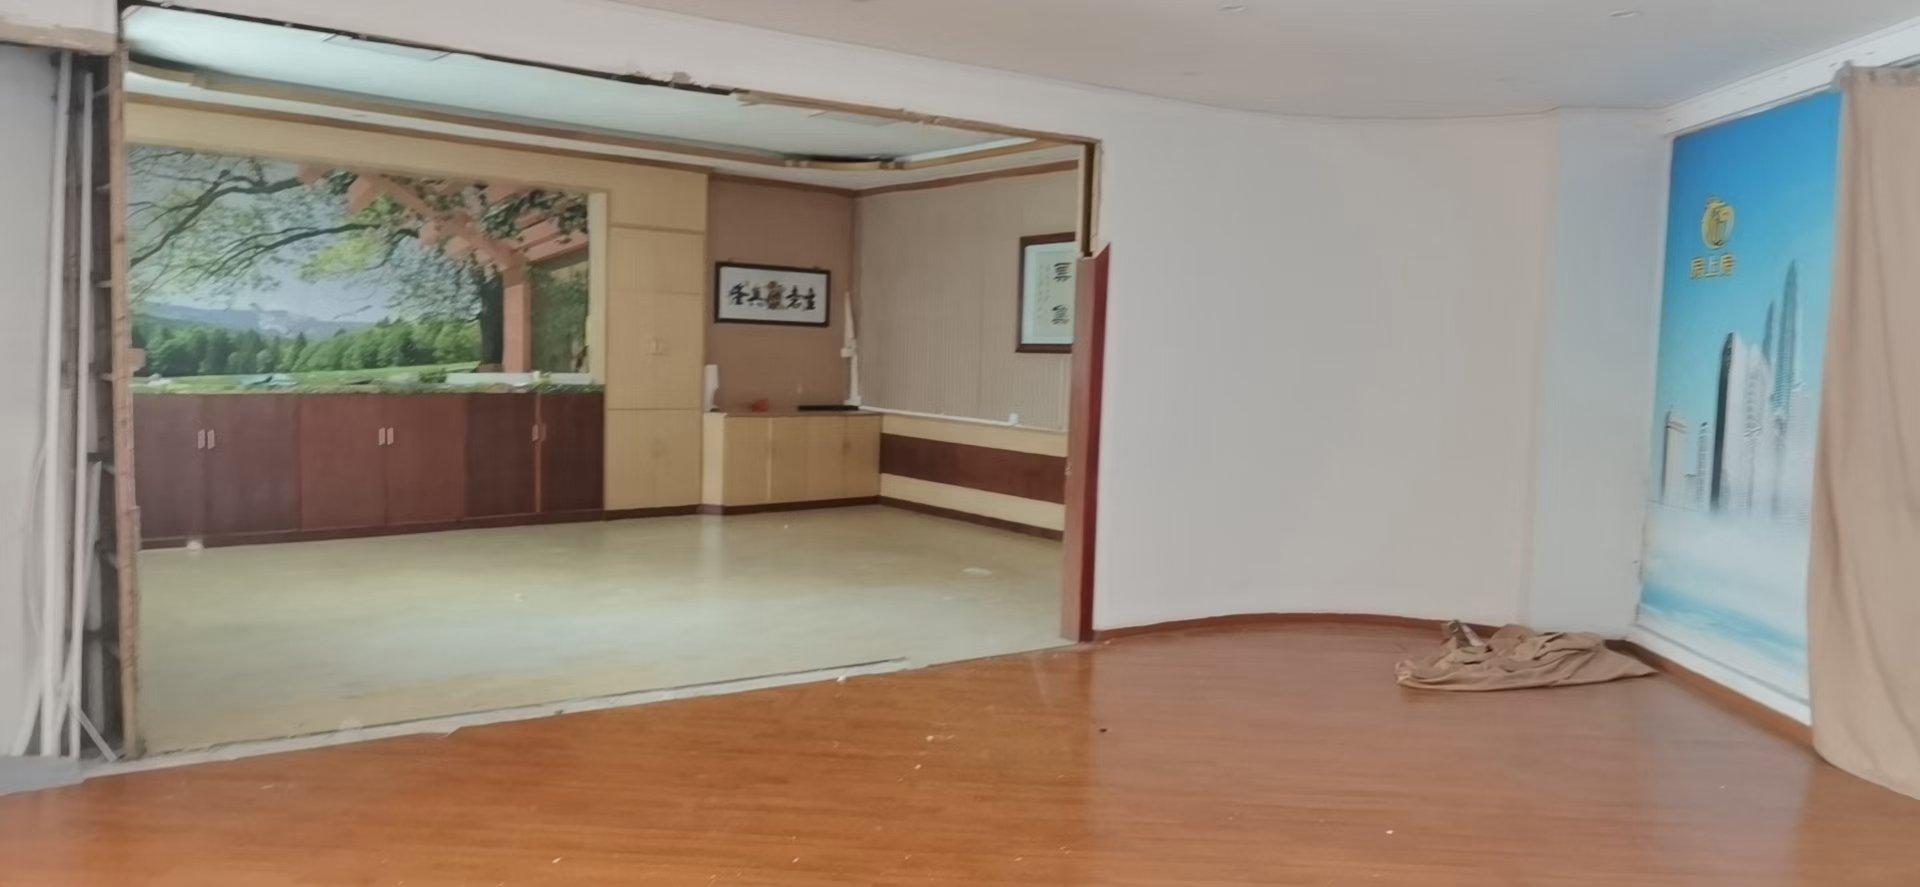 龙山标准厂房一楼200方厂房招租,可做仓库电商,办公室展厅,